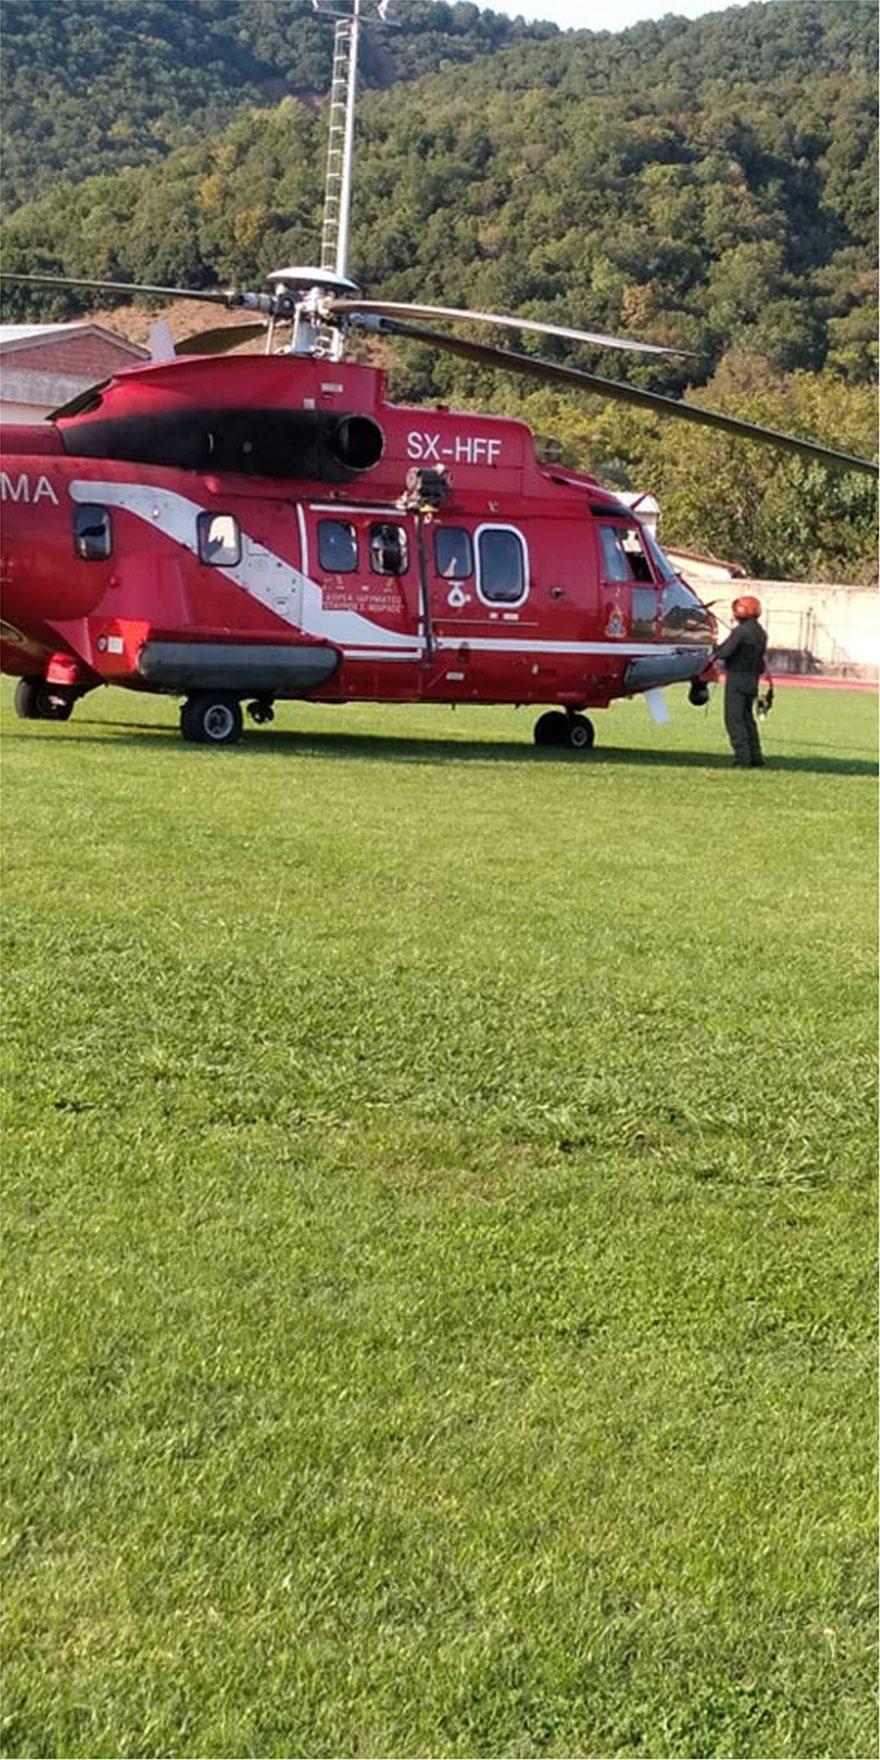 Ελικόπτερο στο έδαφος